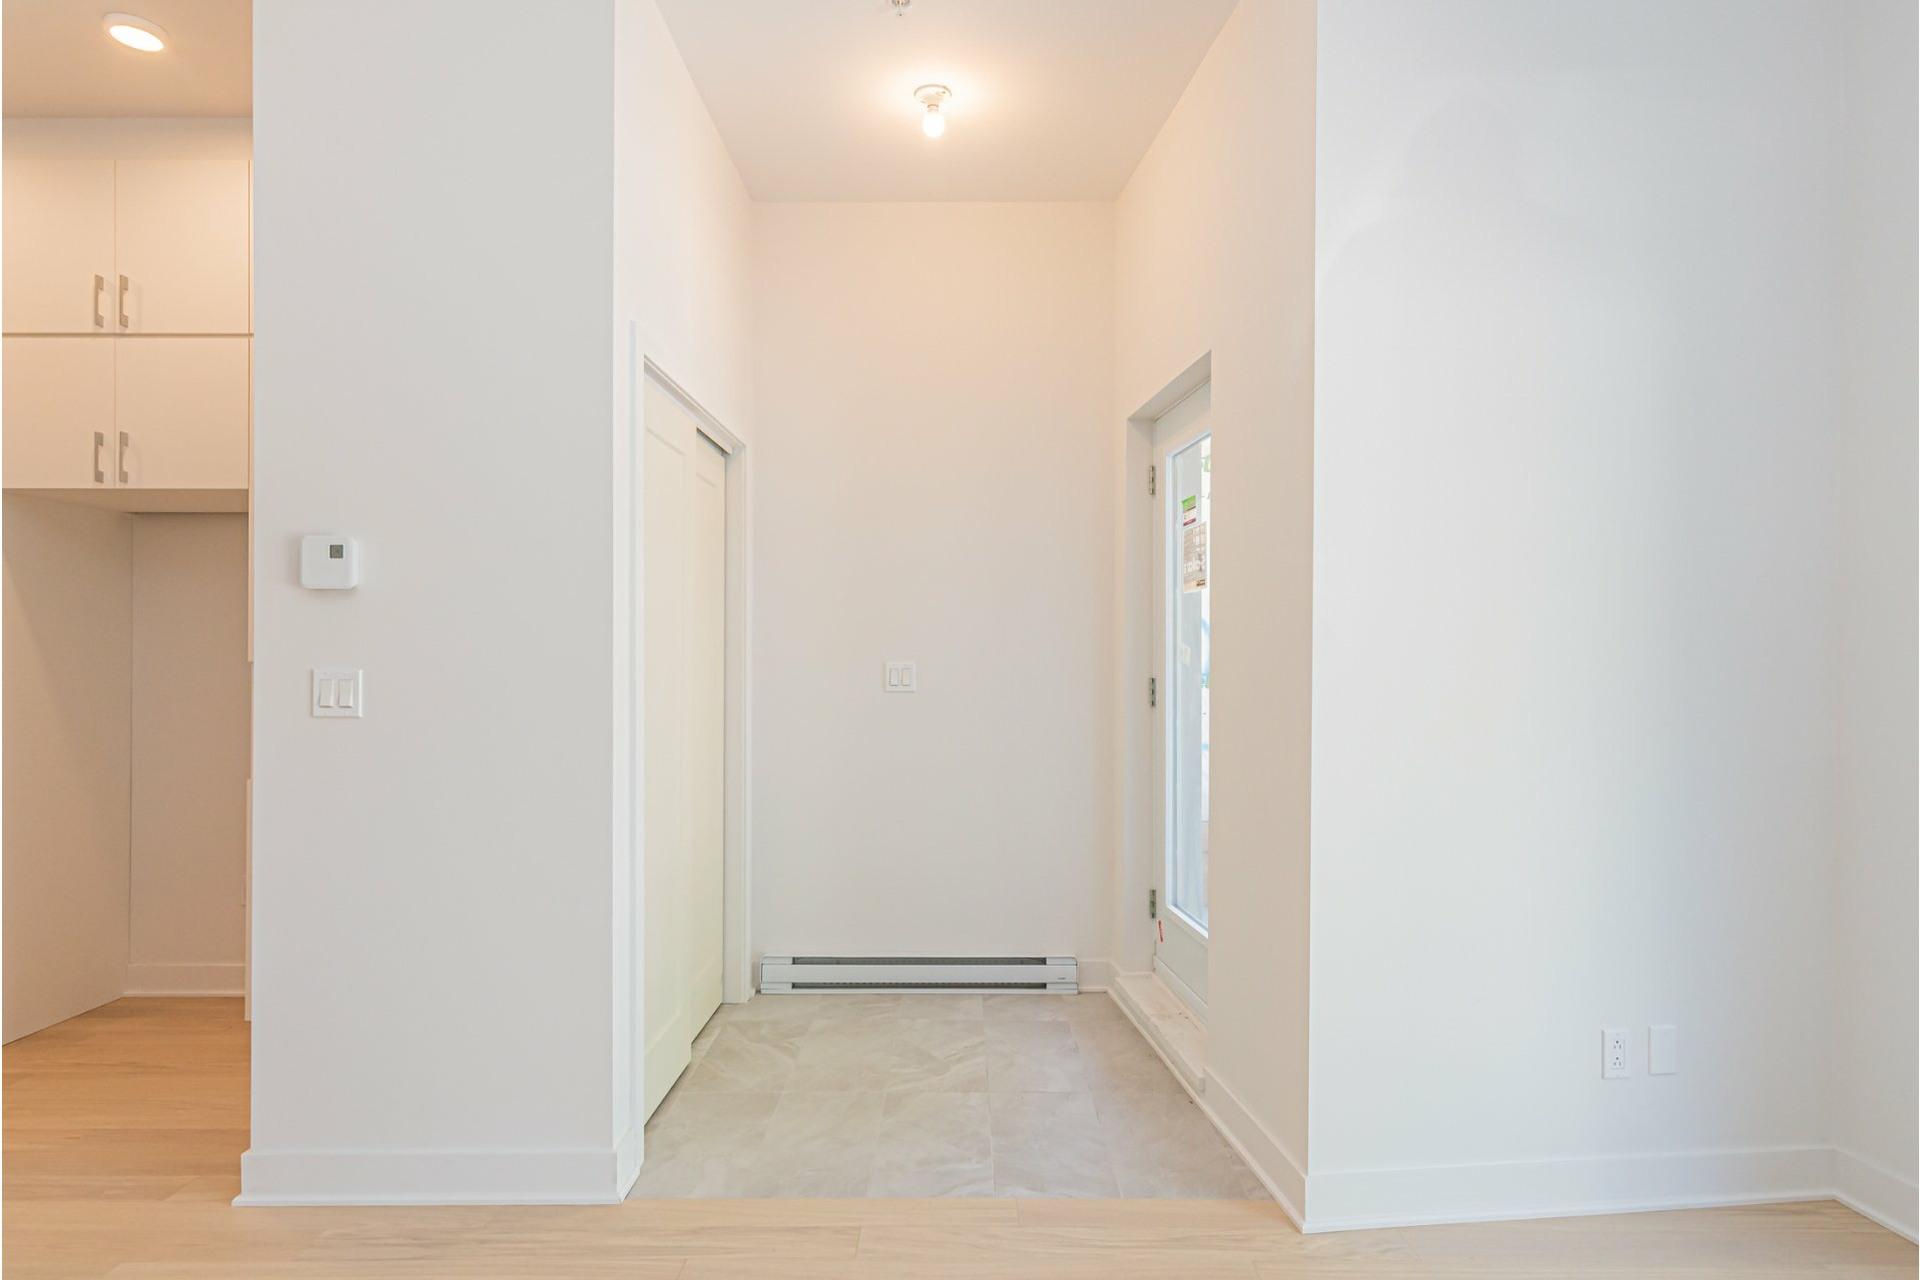 image 14 - Appartement À vendre Rosemont/La Petite-Patrie Montréal  - 5 pièces